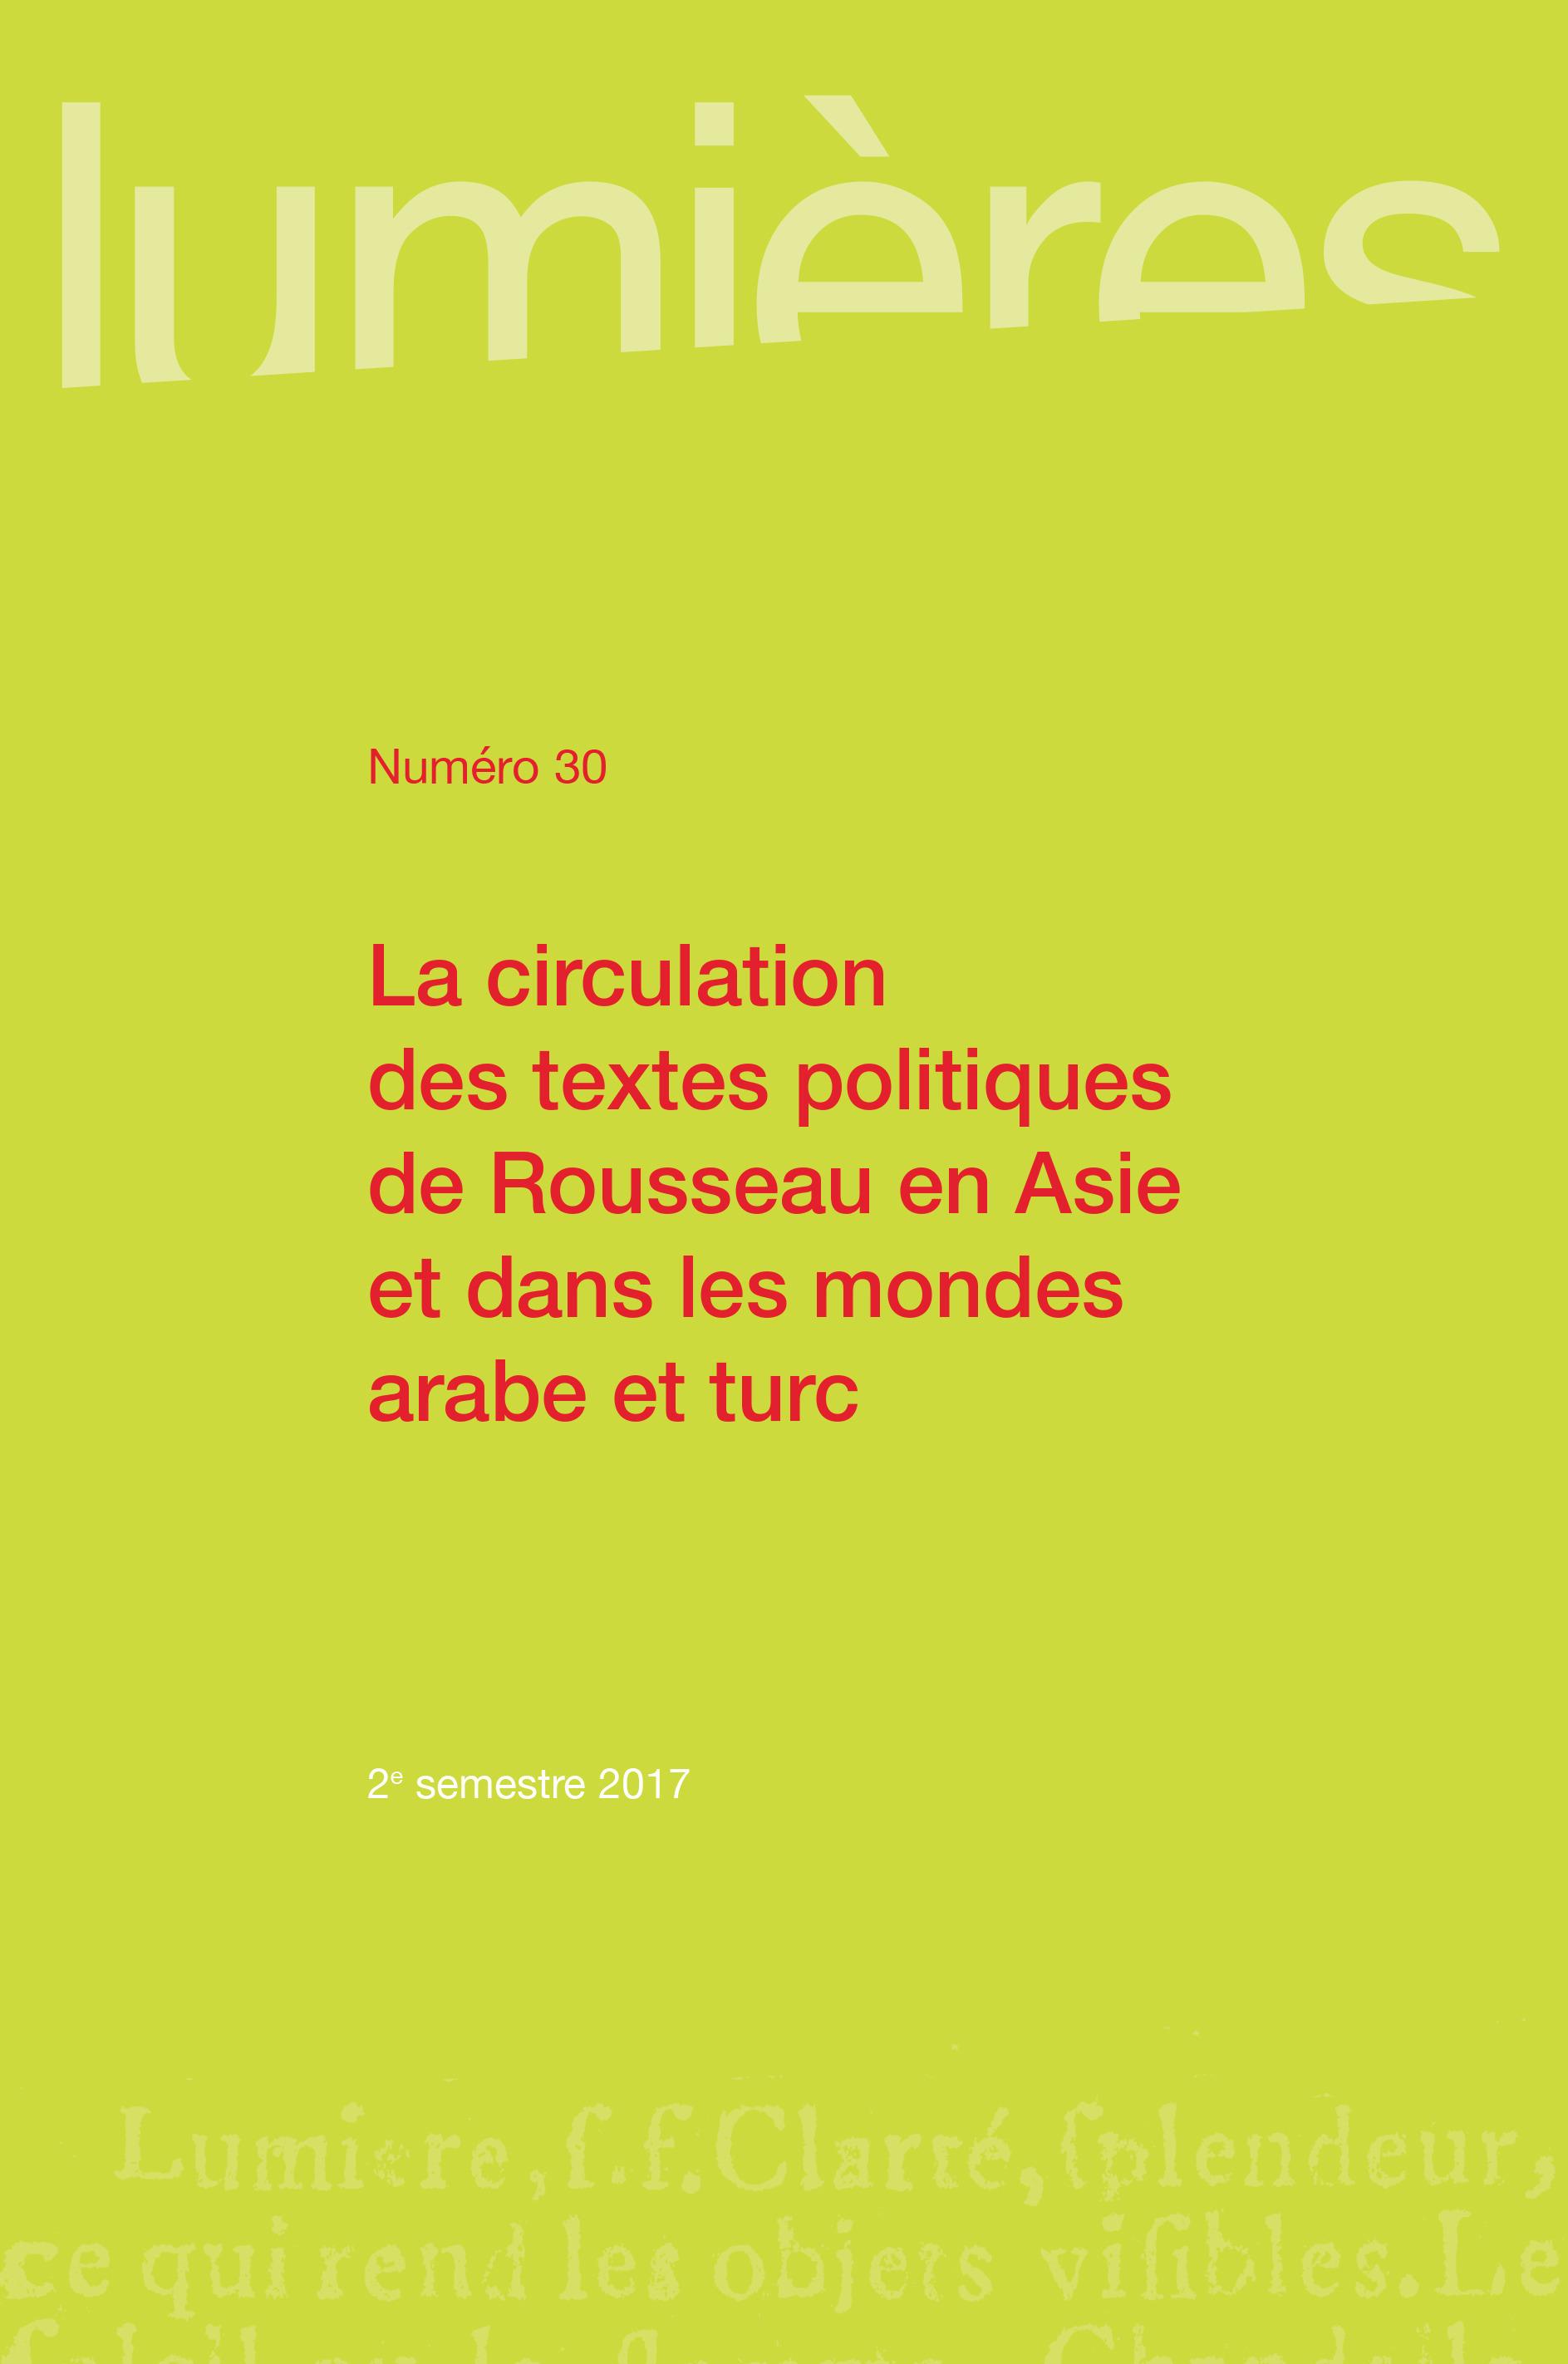 lumières n.30 ; la circulation des textes politiques de Rousseau en Asie et dans les mondes arabe et turc